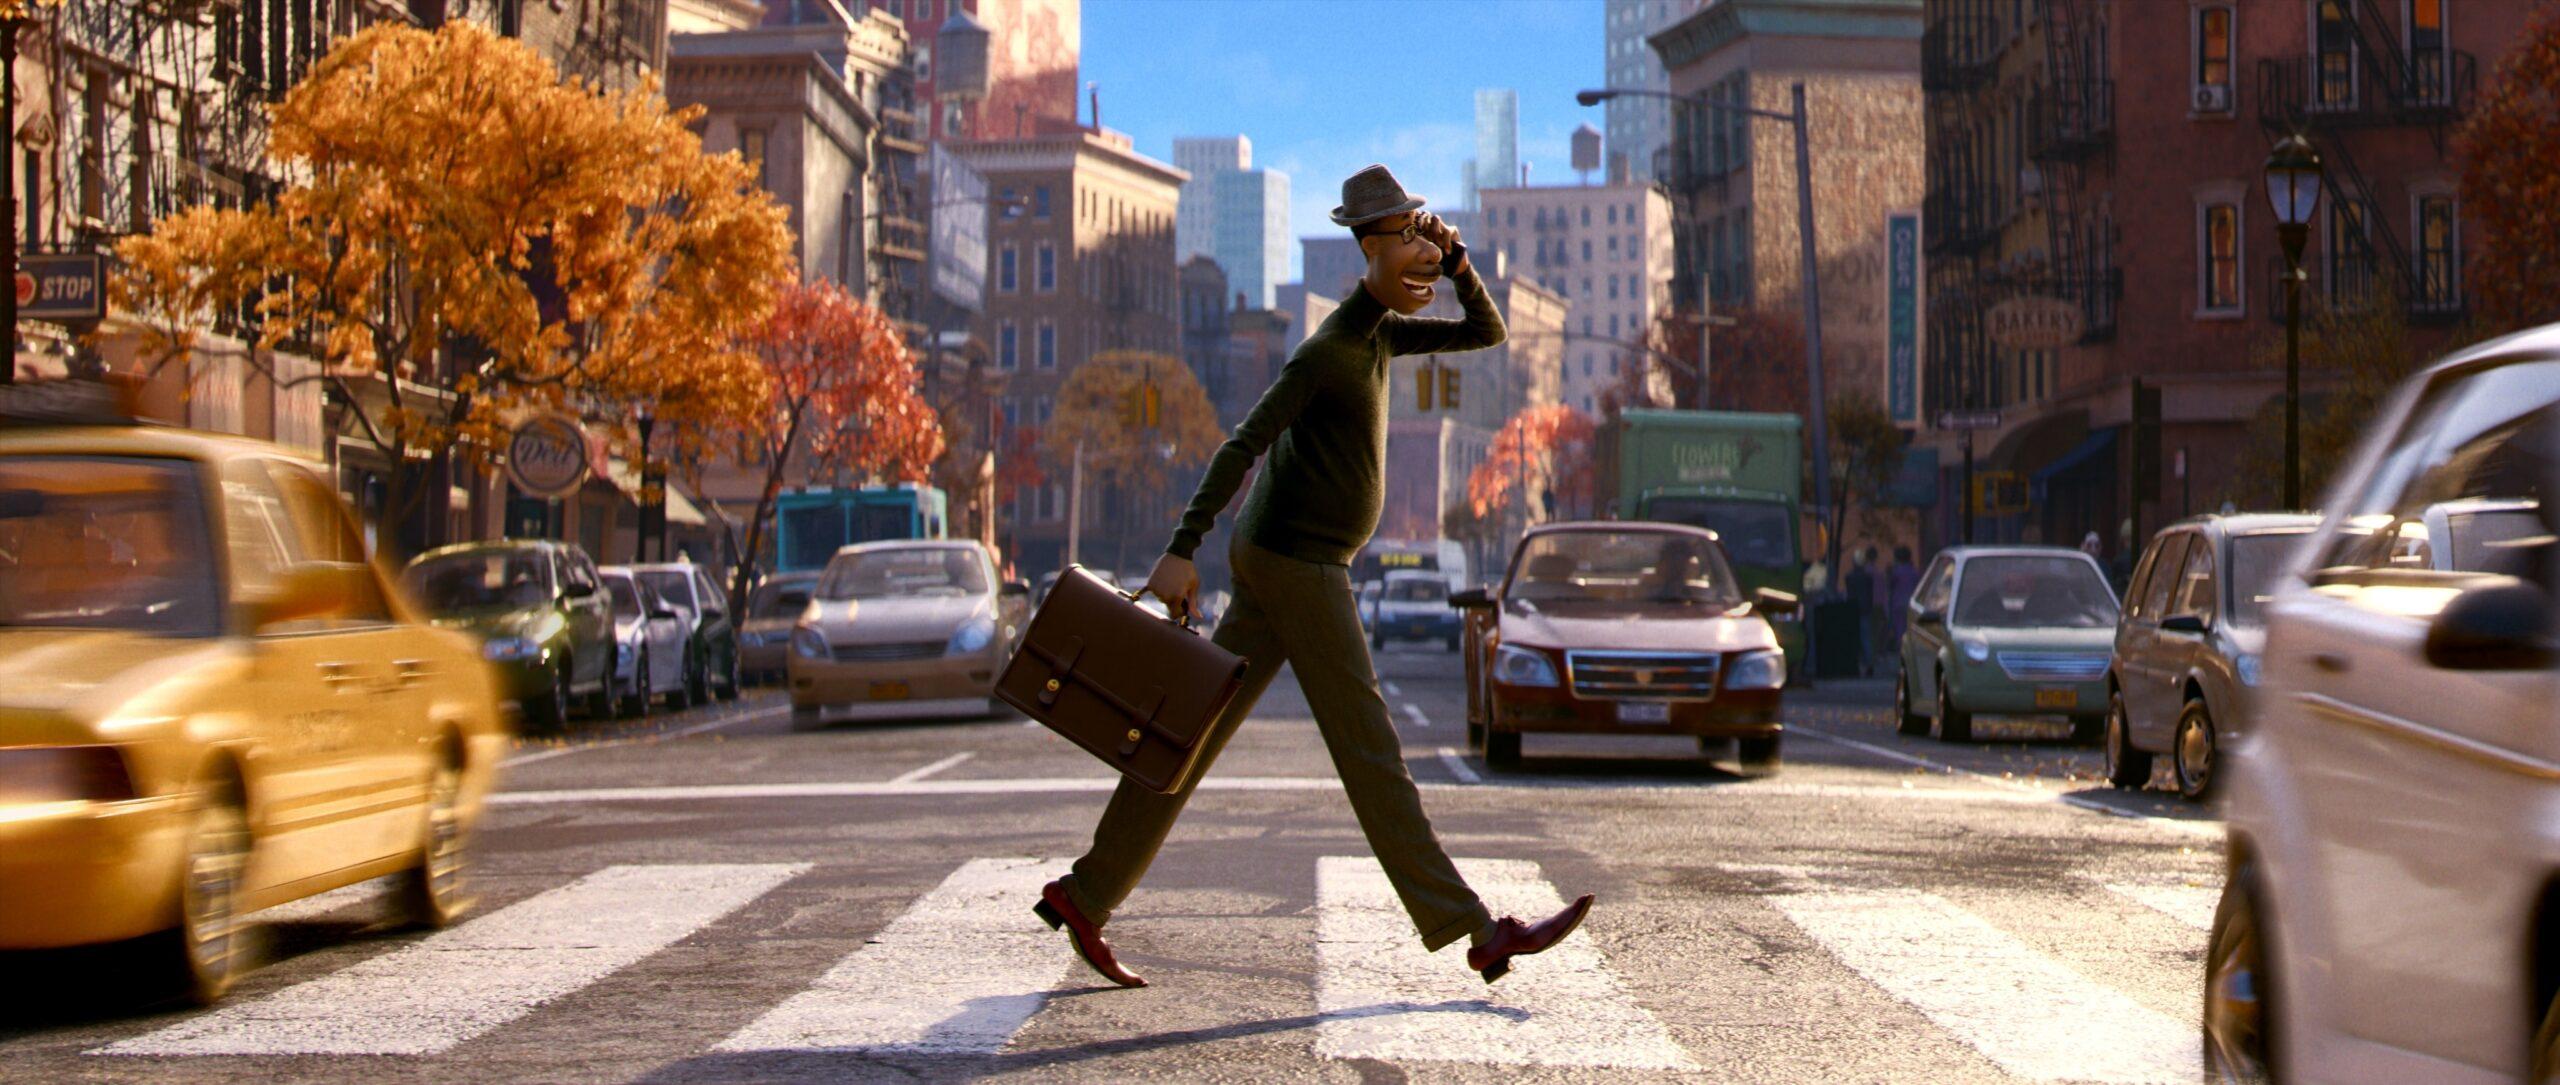 Pixar soul Joe Gardner